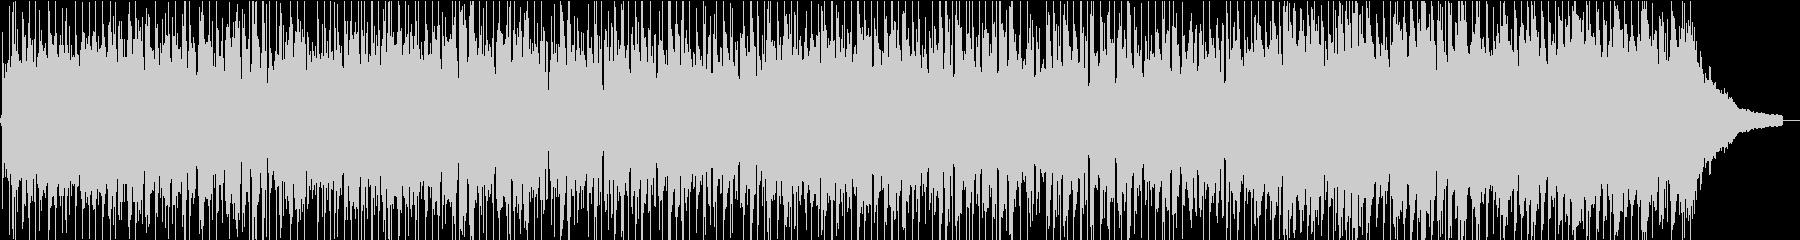 ポップフォーク。 12個の弦を離調...の未再生の波形